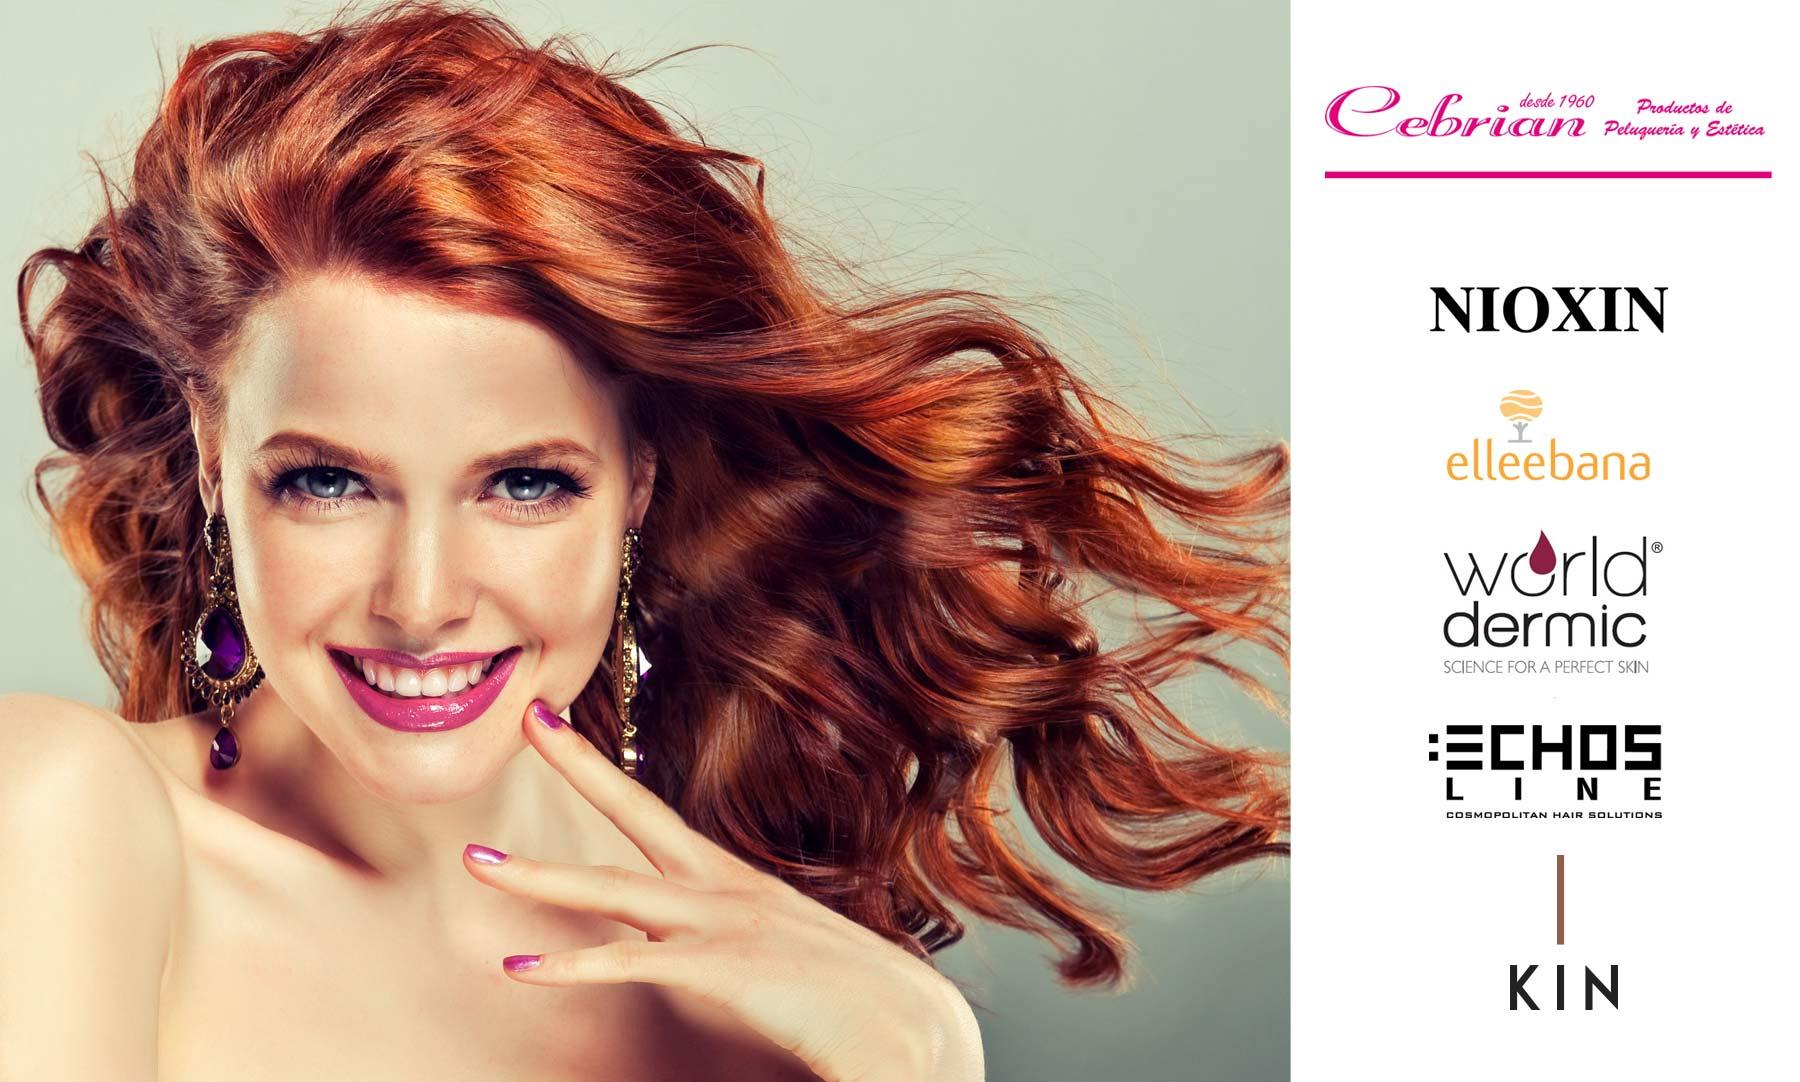 Venta online de productos de peluqueria y estética | La tienda de la peluquería | productos para uñas | uñas de gel